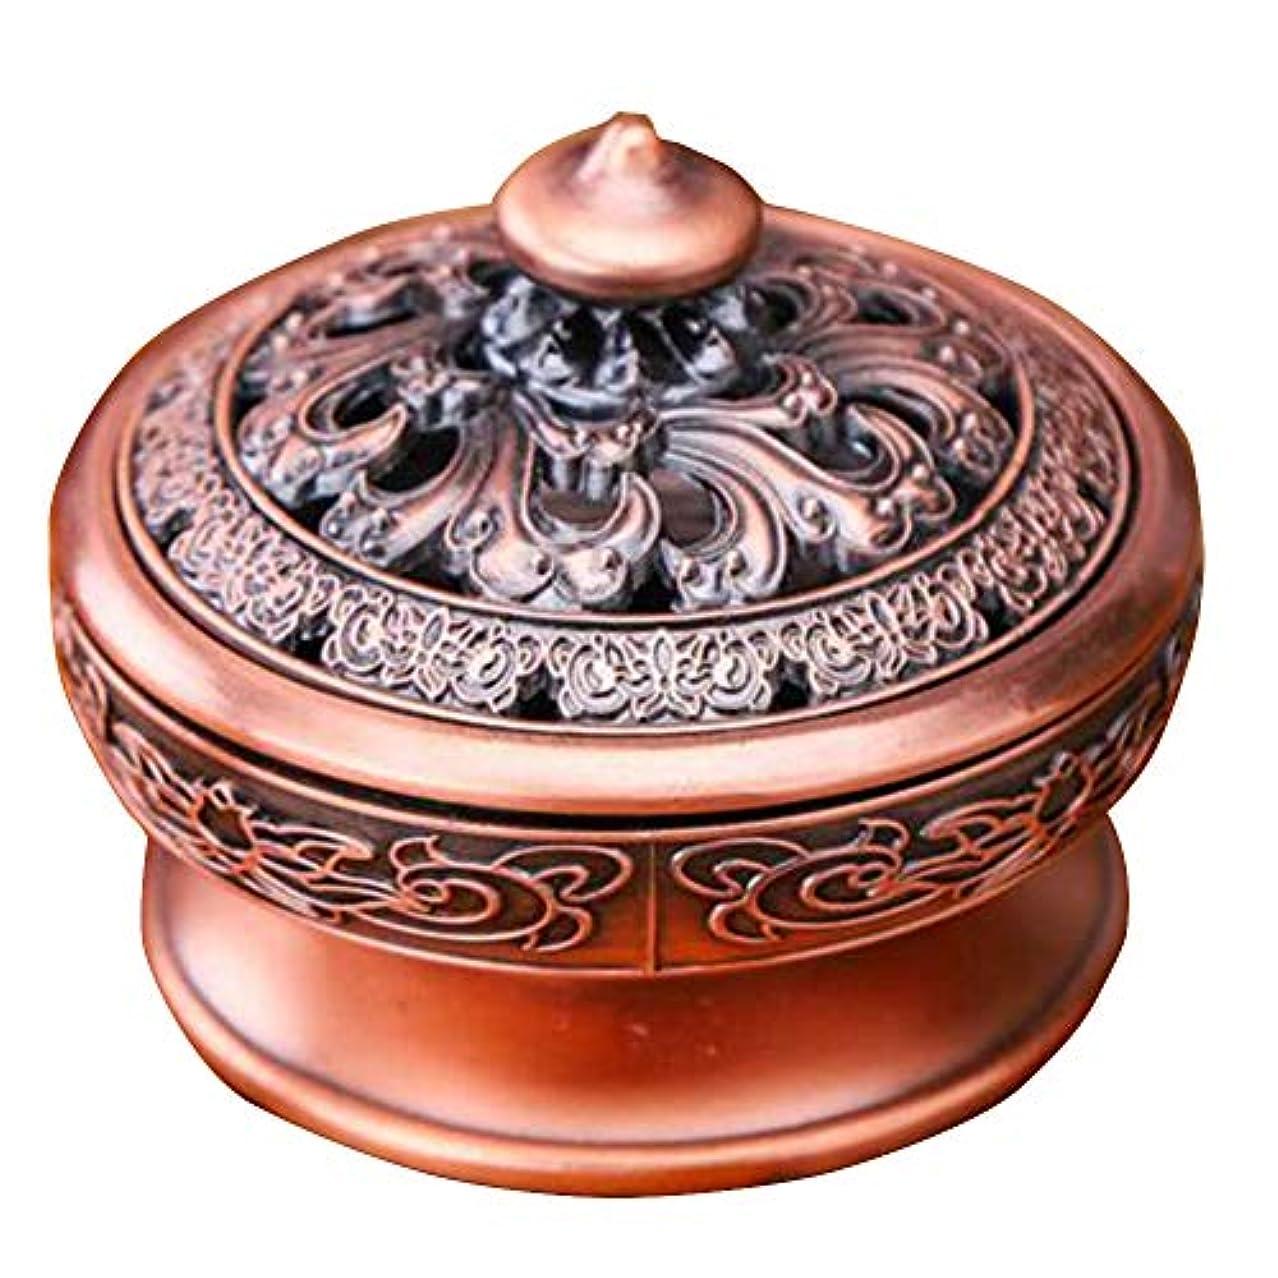 興奮有害城(イスイ)YISHUI 香炉 お香 アロマ 銅製 丸香炉 お線香立て お香立て 香皿 アンティークモダン風 蓋 スティック 直径7.1cm HP0232 (赤色)